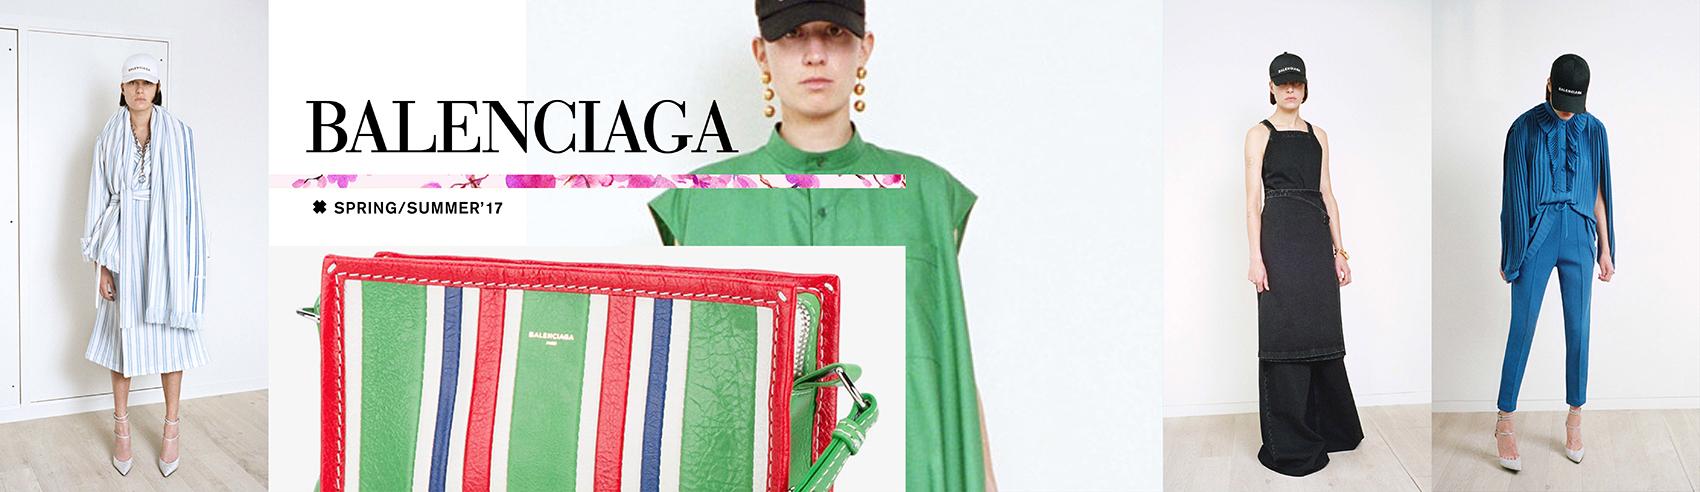 Balenciaga ofrece prendas y complementos con actitud. No te quedes sin tu bazaar o sin tu city